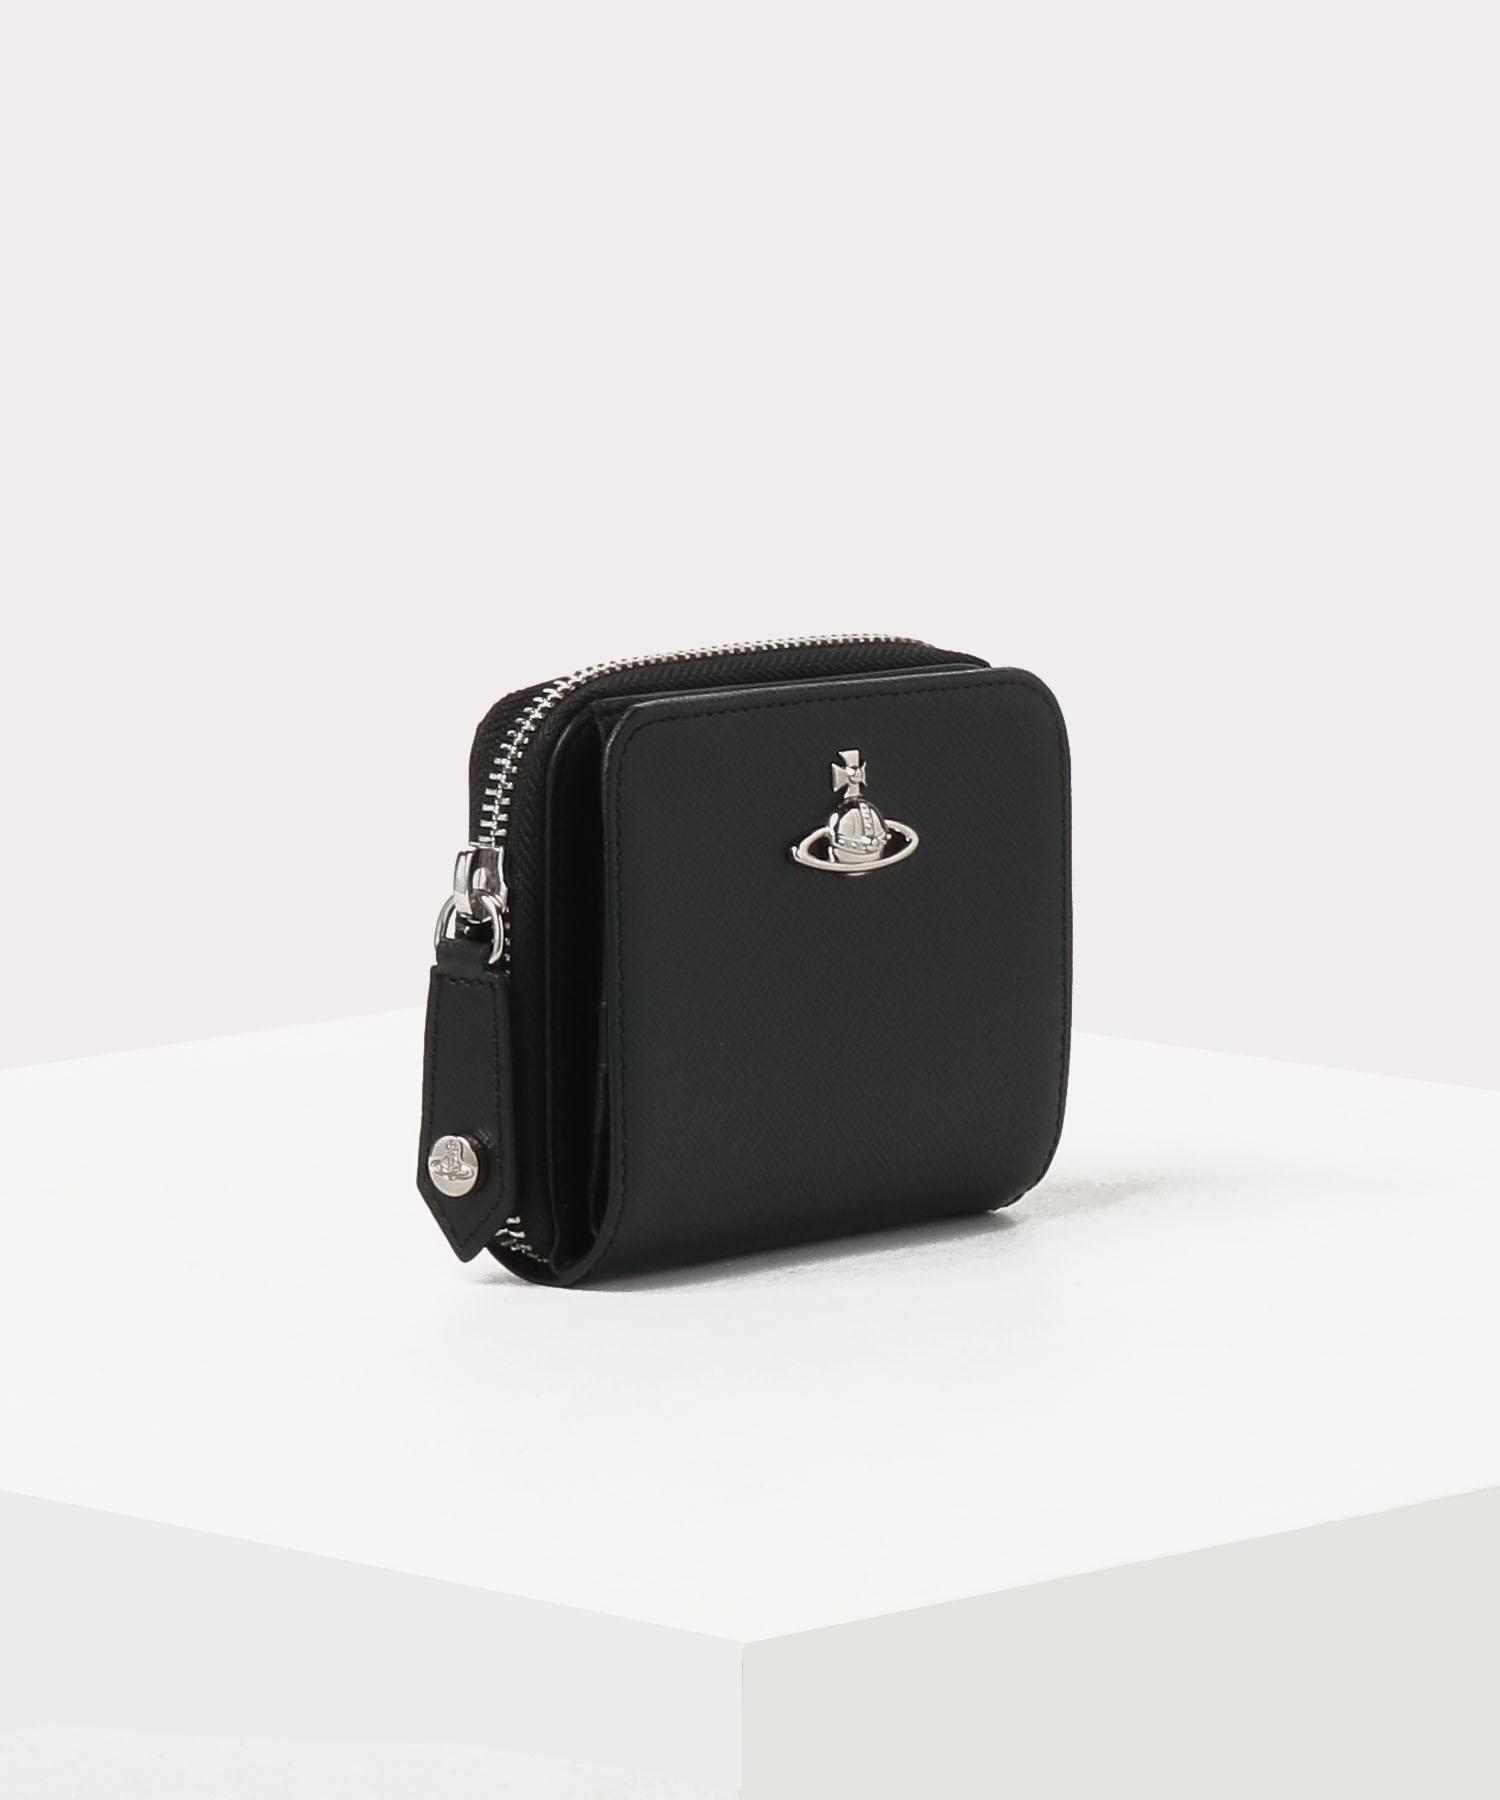 PIMLICO ラウンドファスナー二つ折り財布